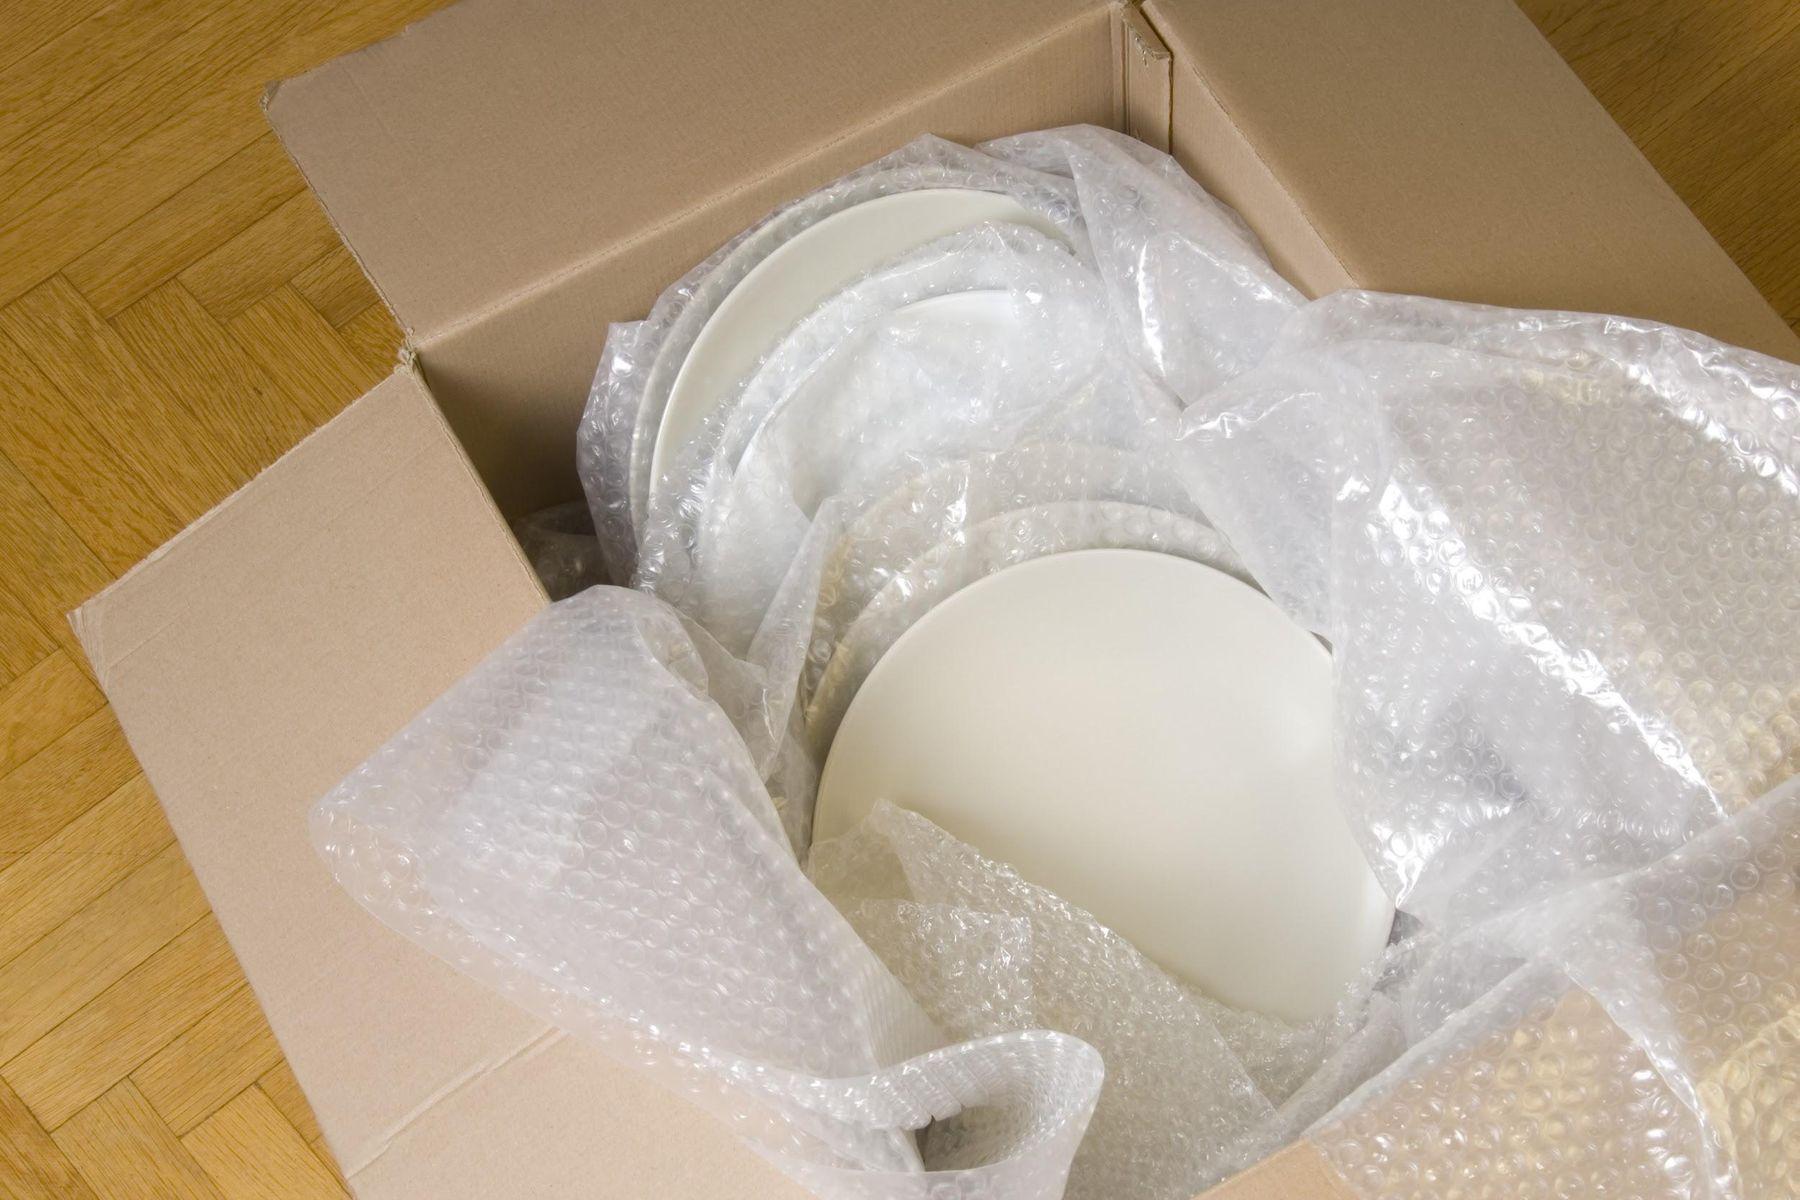 Pratos de louça e plástico bolha em caixa de papelão